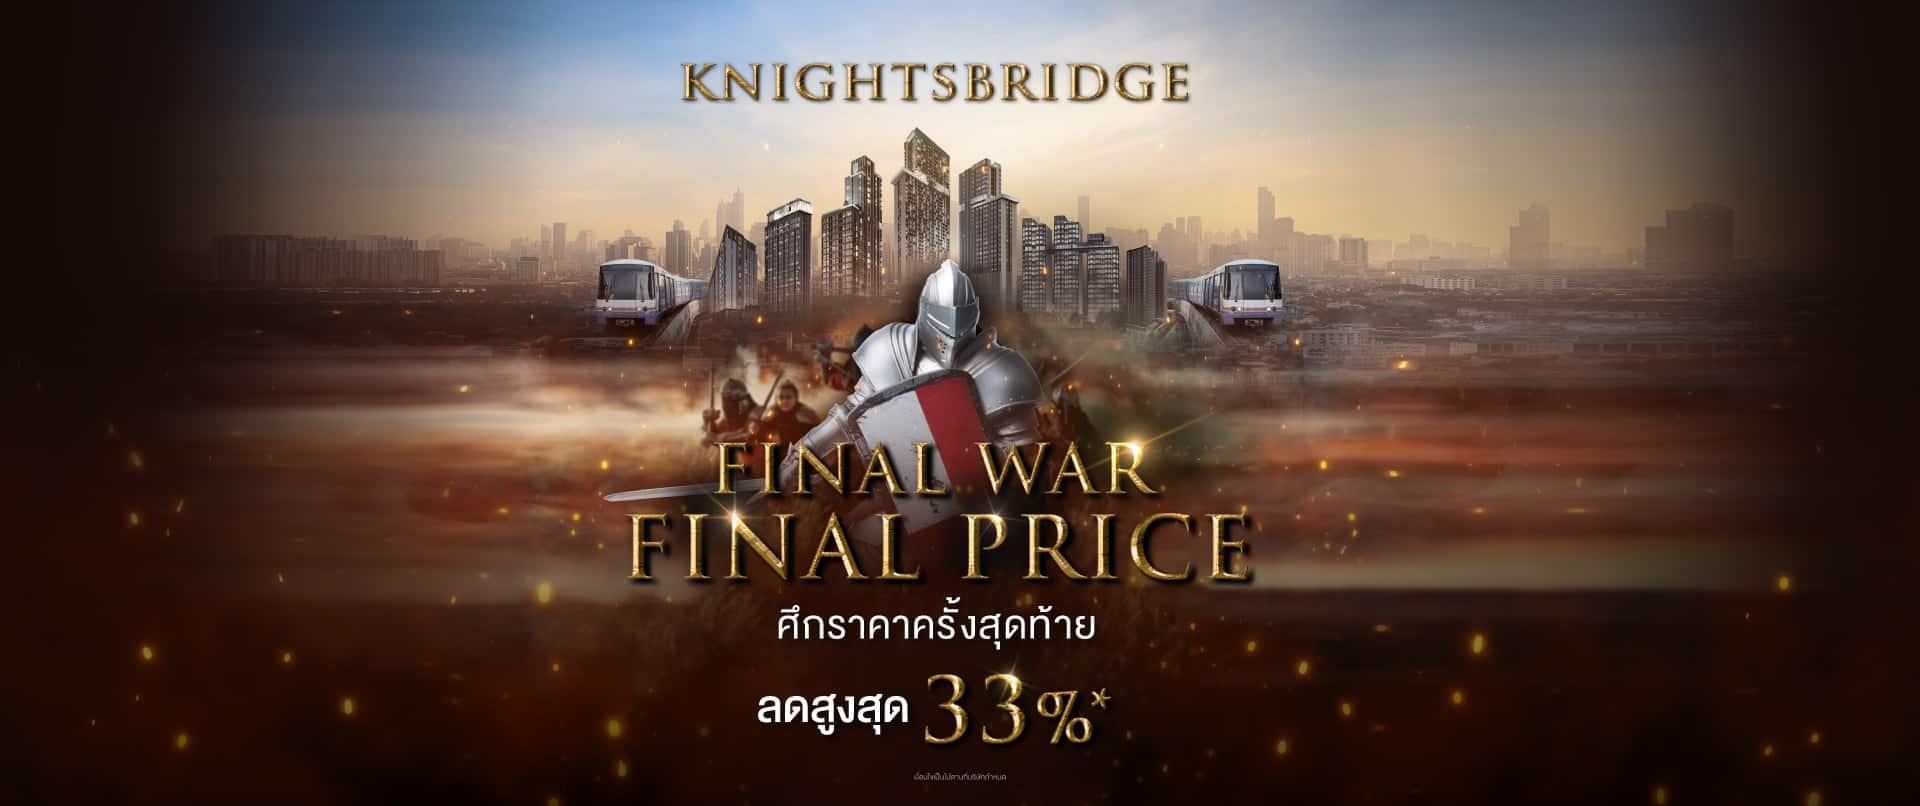 Final war Final Price